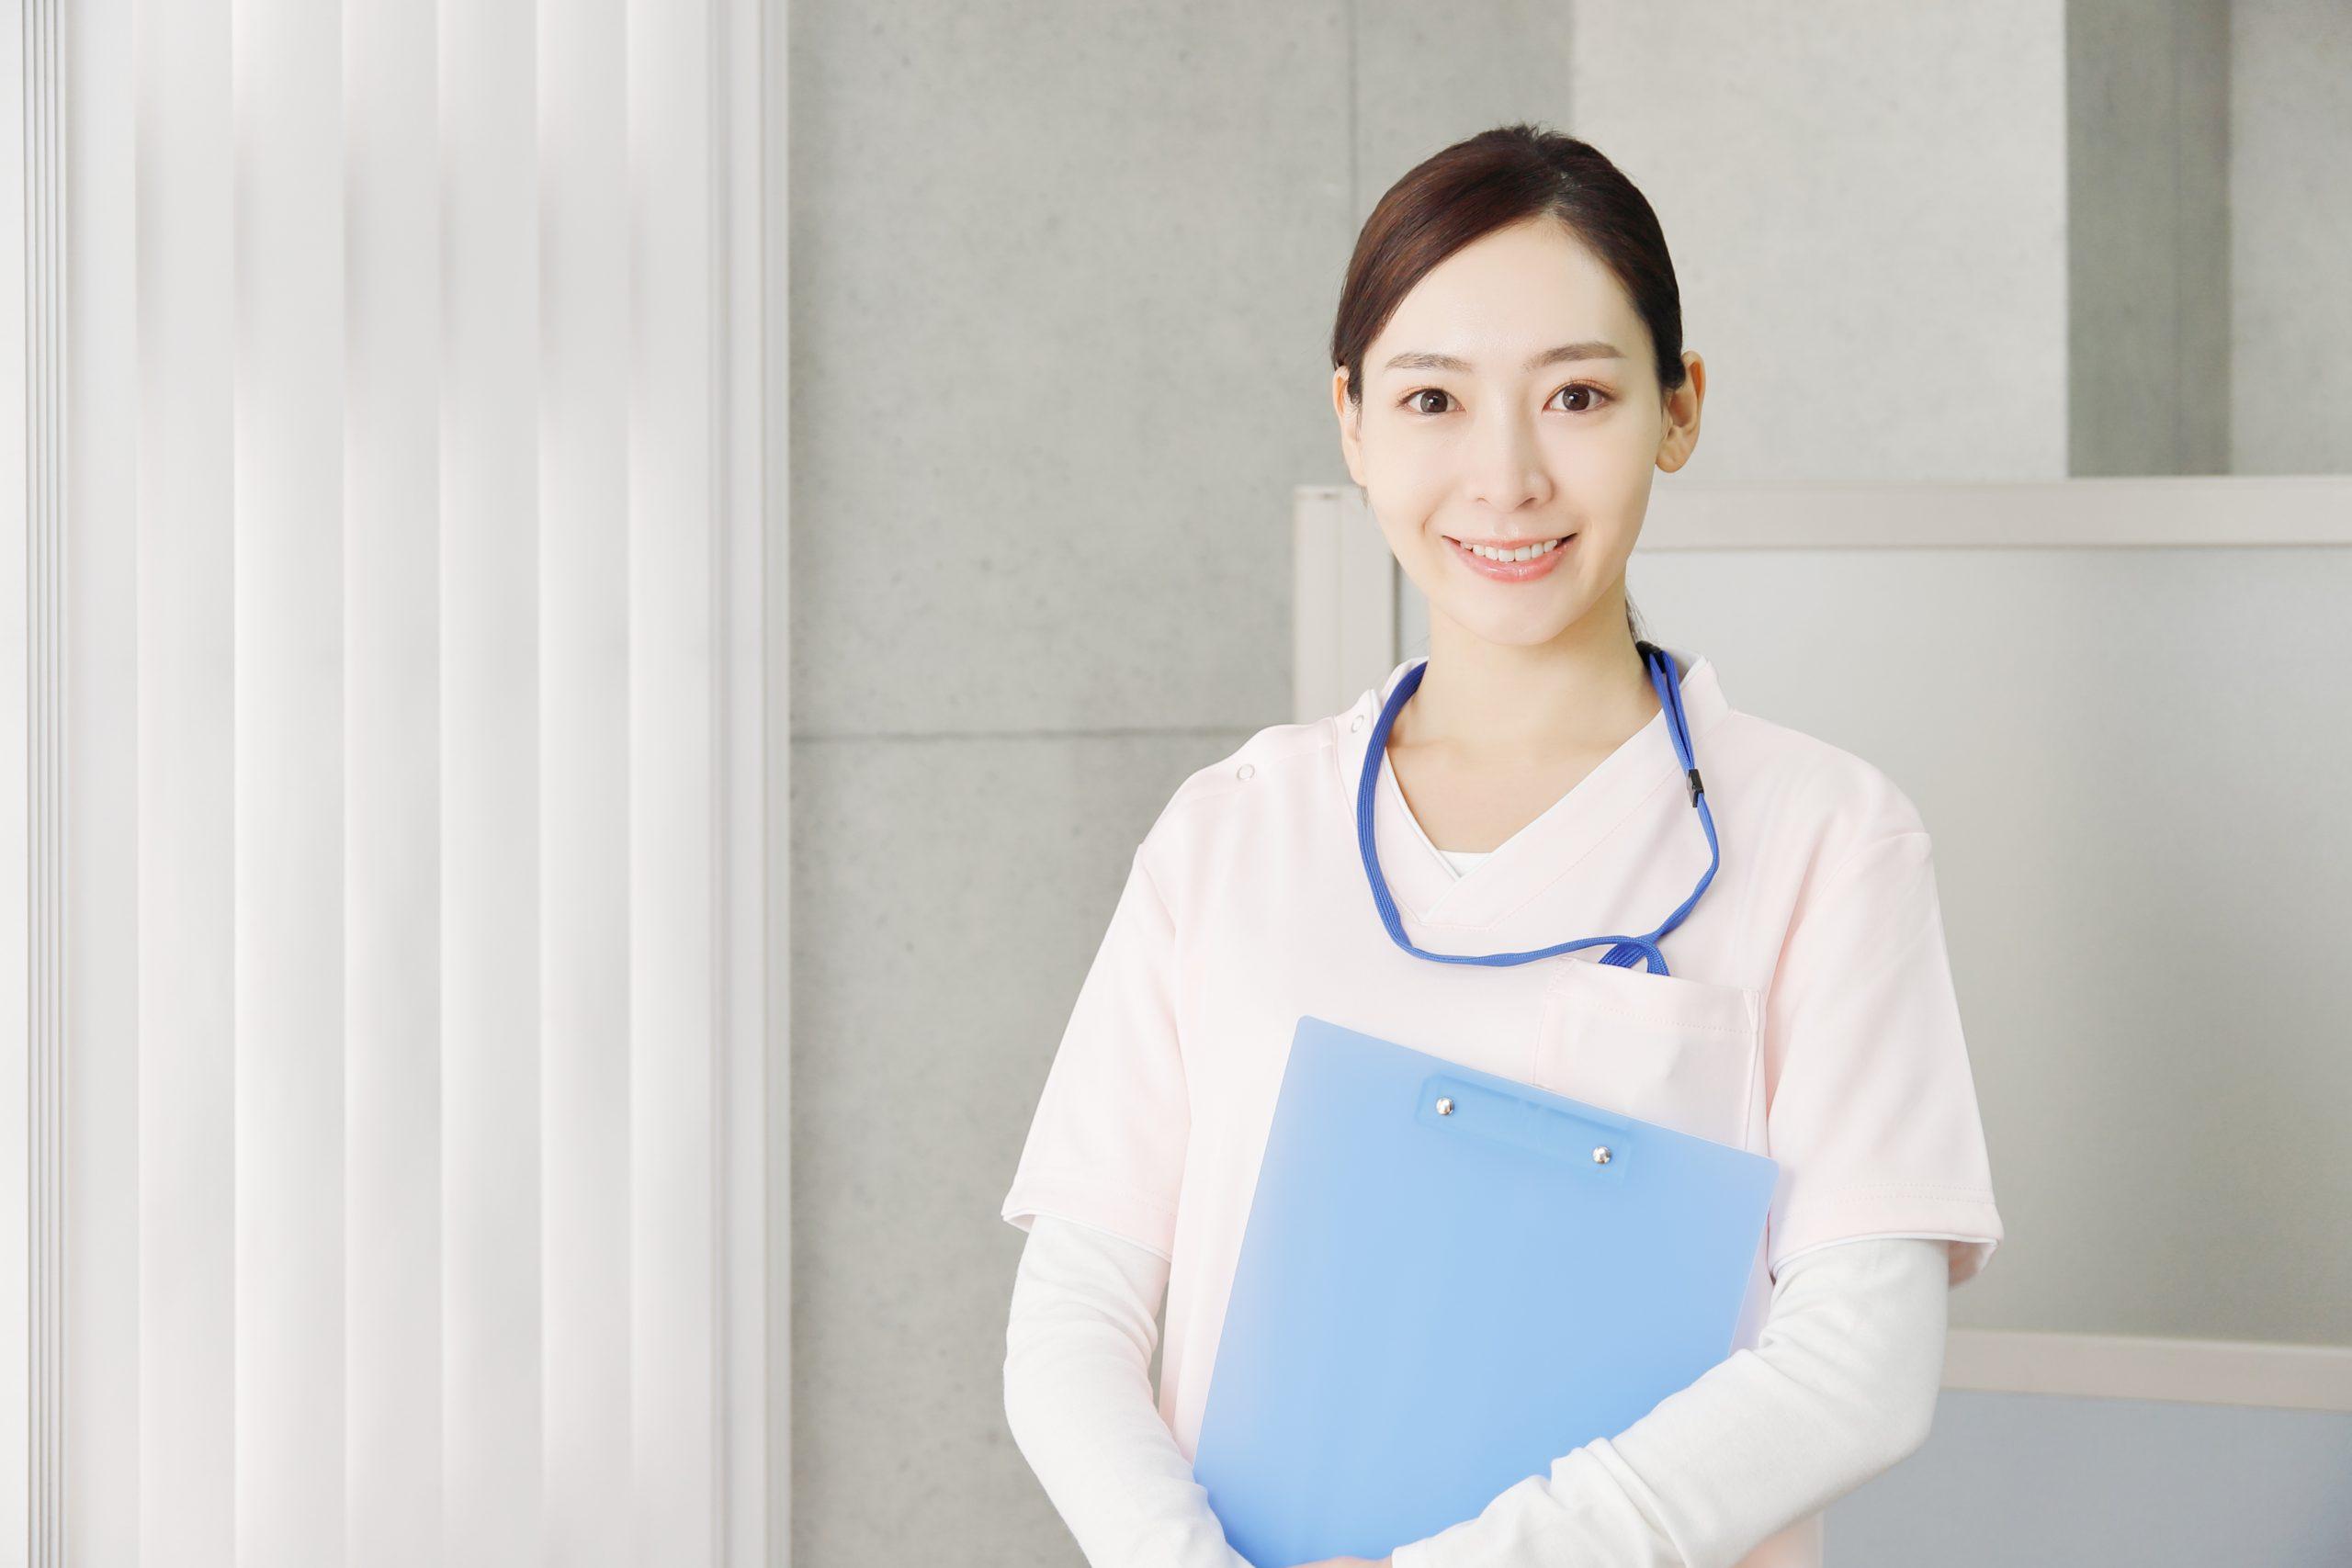 事業場内産業保健スタッフ等によるケア